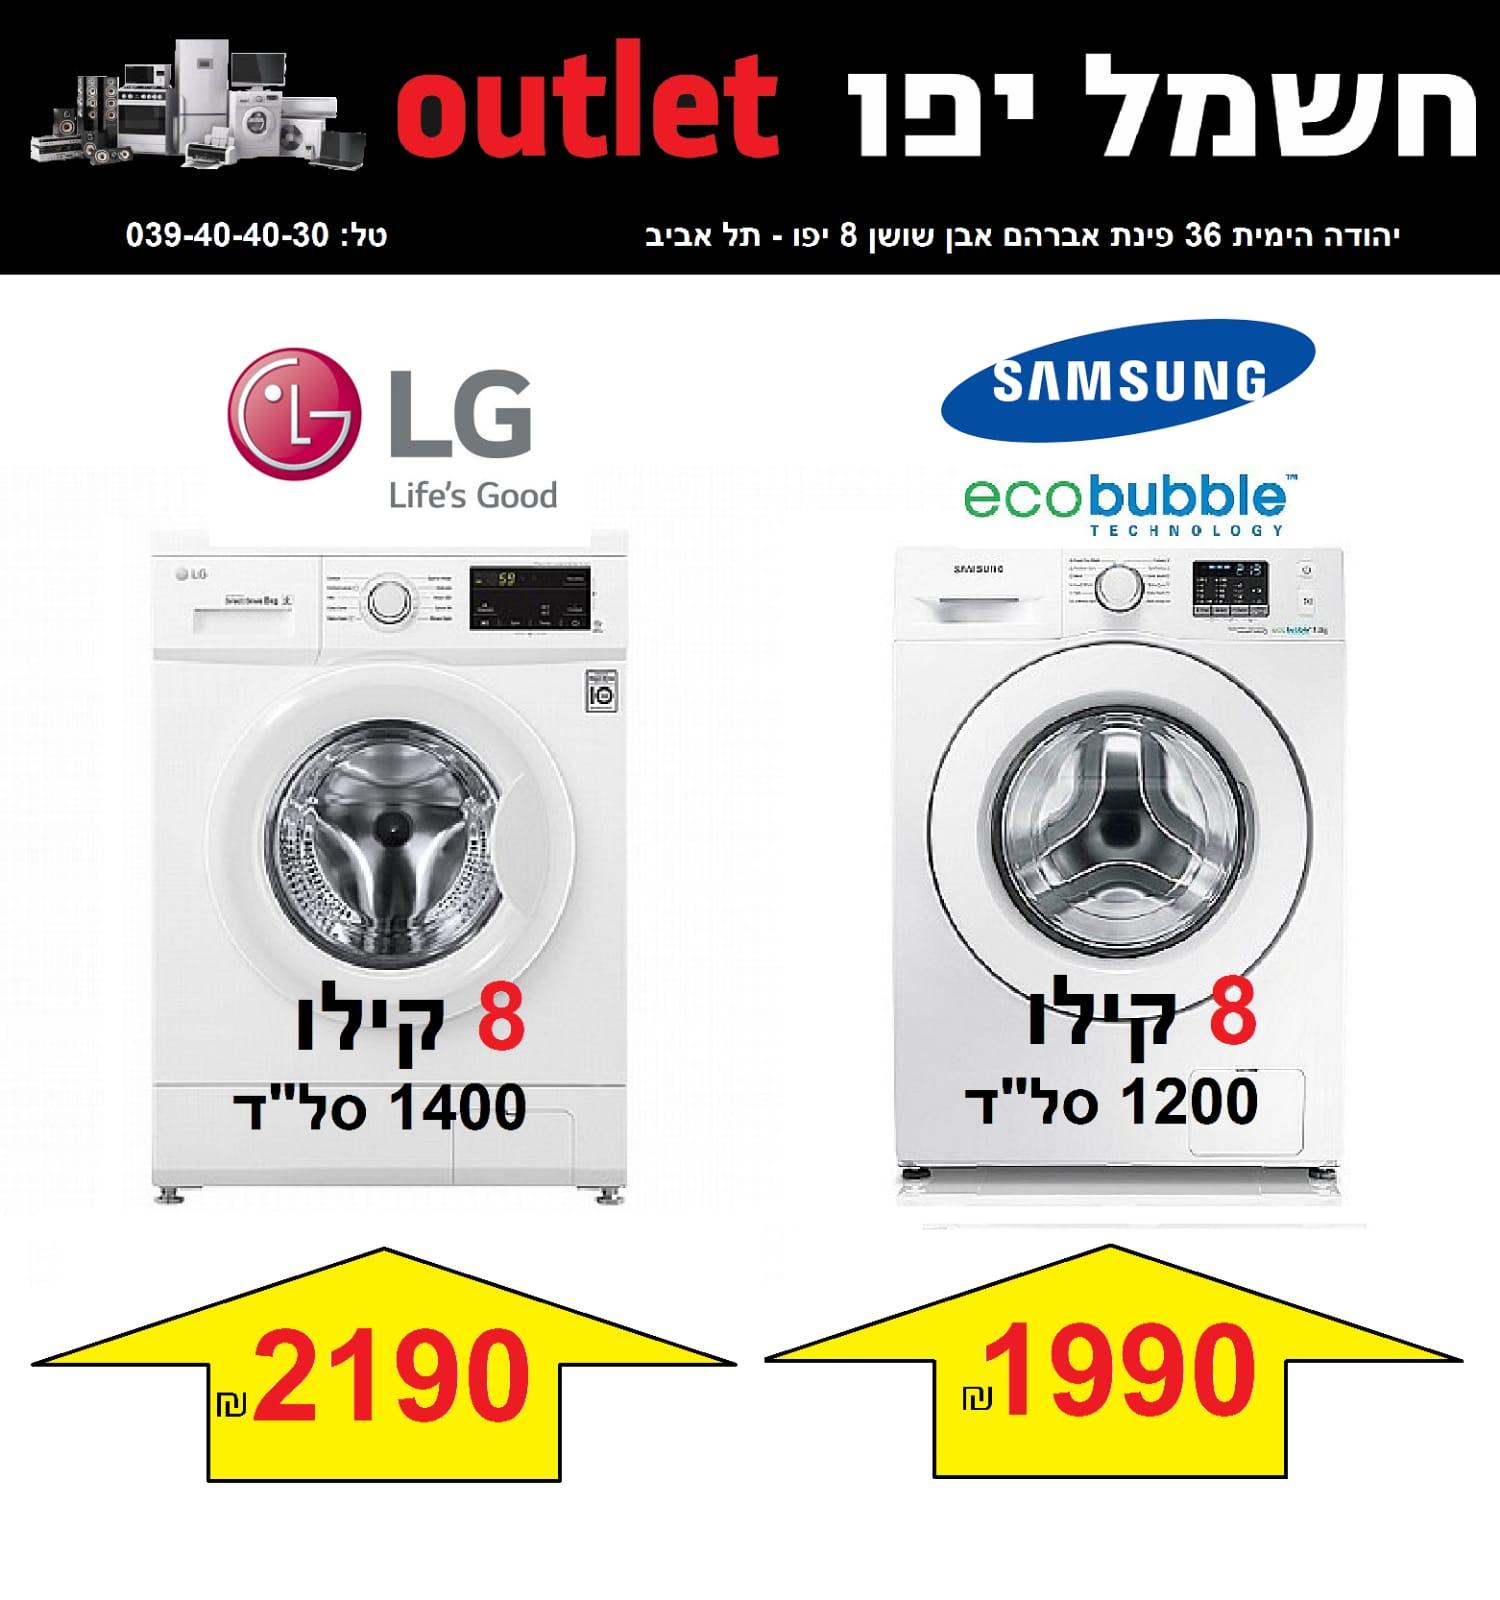 طالع الأسعار - تخفيضات كبرى على أسعار الأجهزة الكهربائية لدى Outlet